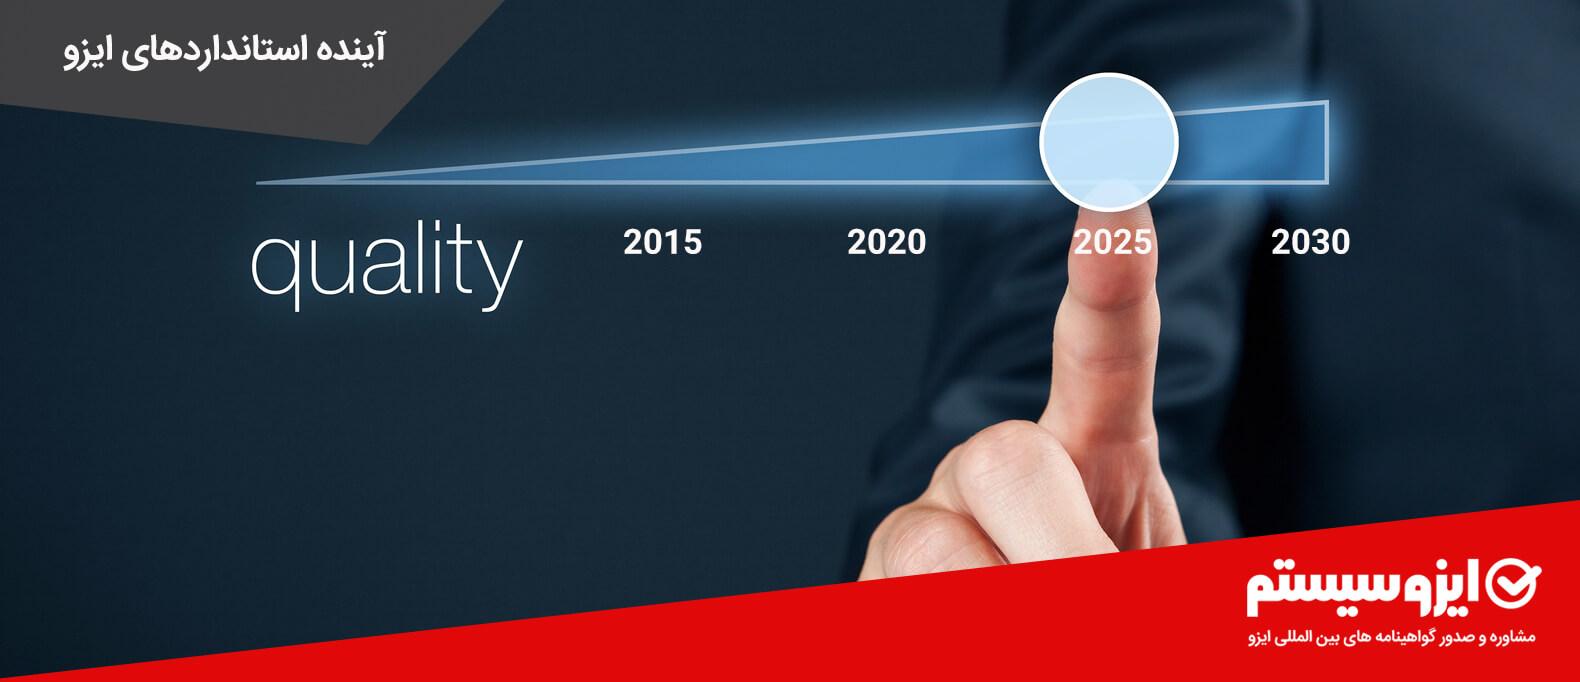 آینده استاندارد های ایزو